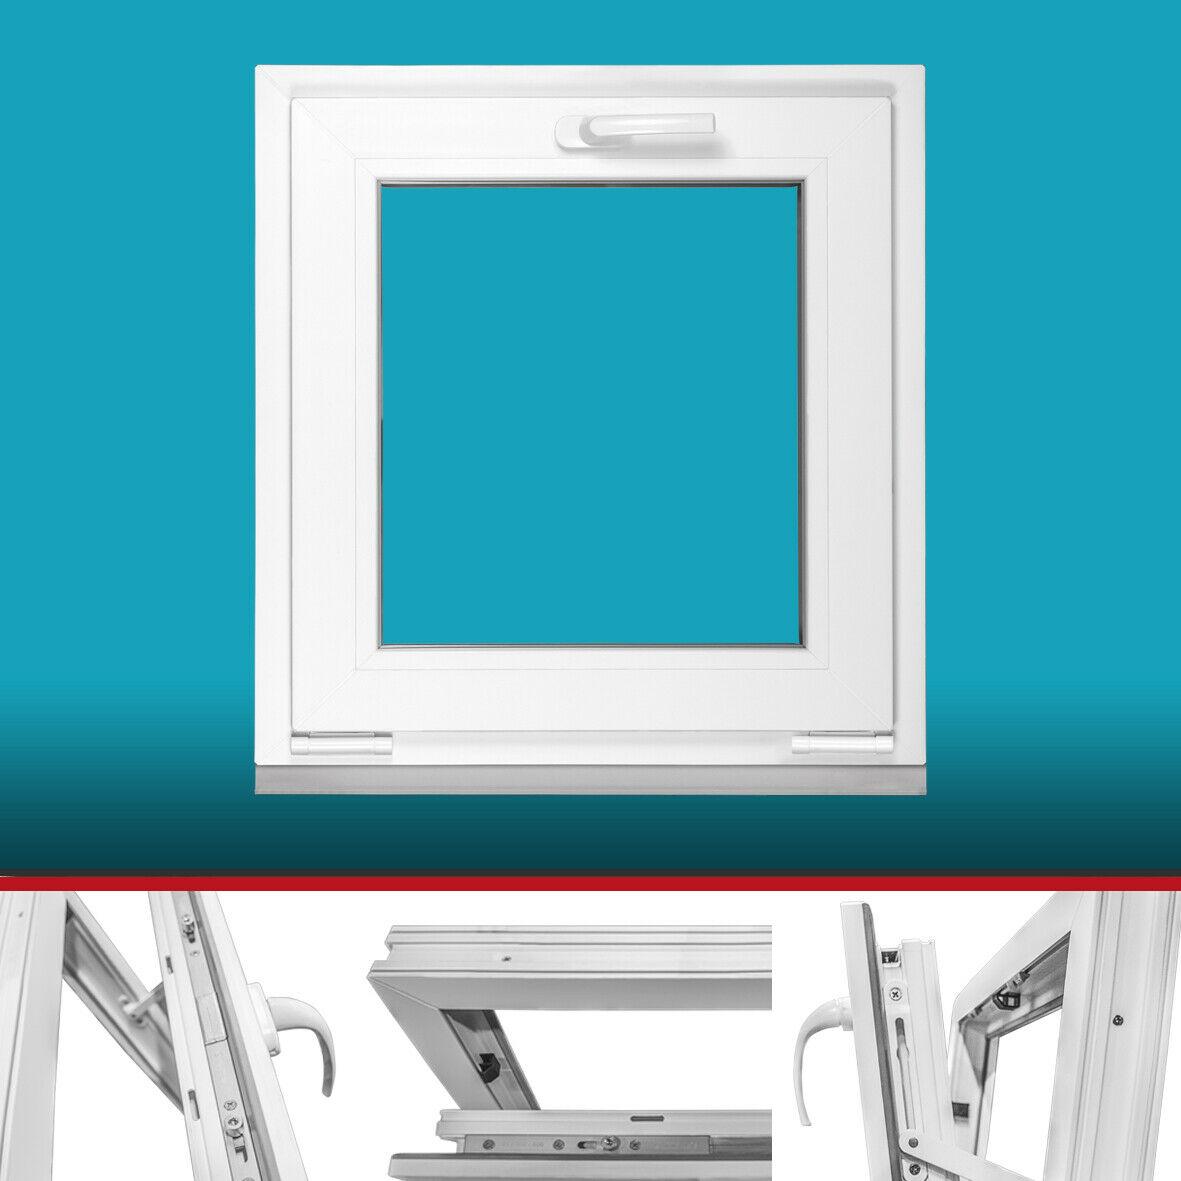 3-Fach-Verglasung BxH 500x500 // 50x50 DIN Links Fenster Lagerware Wunschma/ße m/öglich Kellerfenster wei/ß Kunststoff